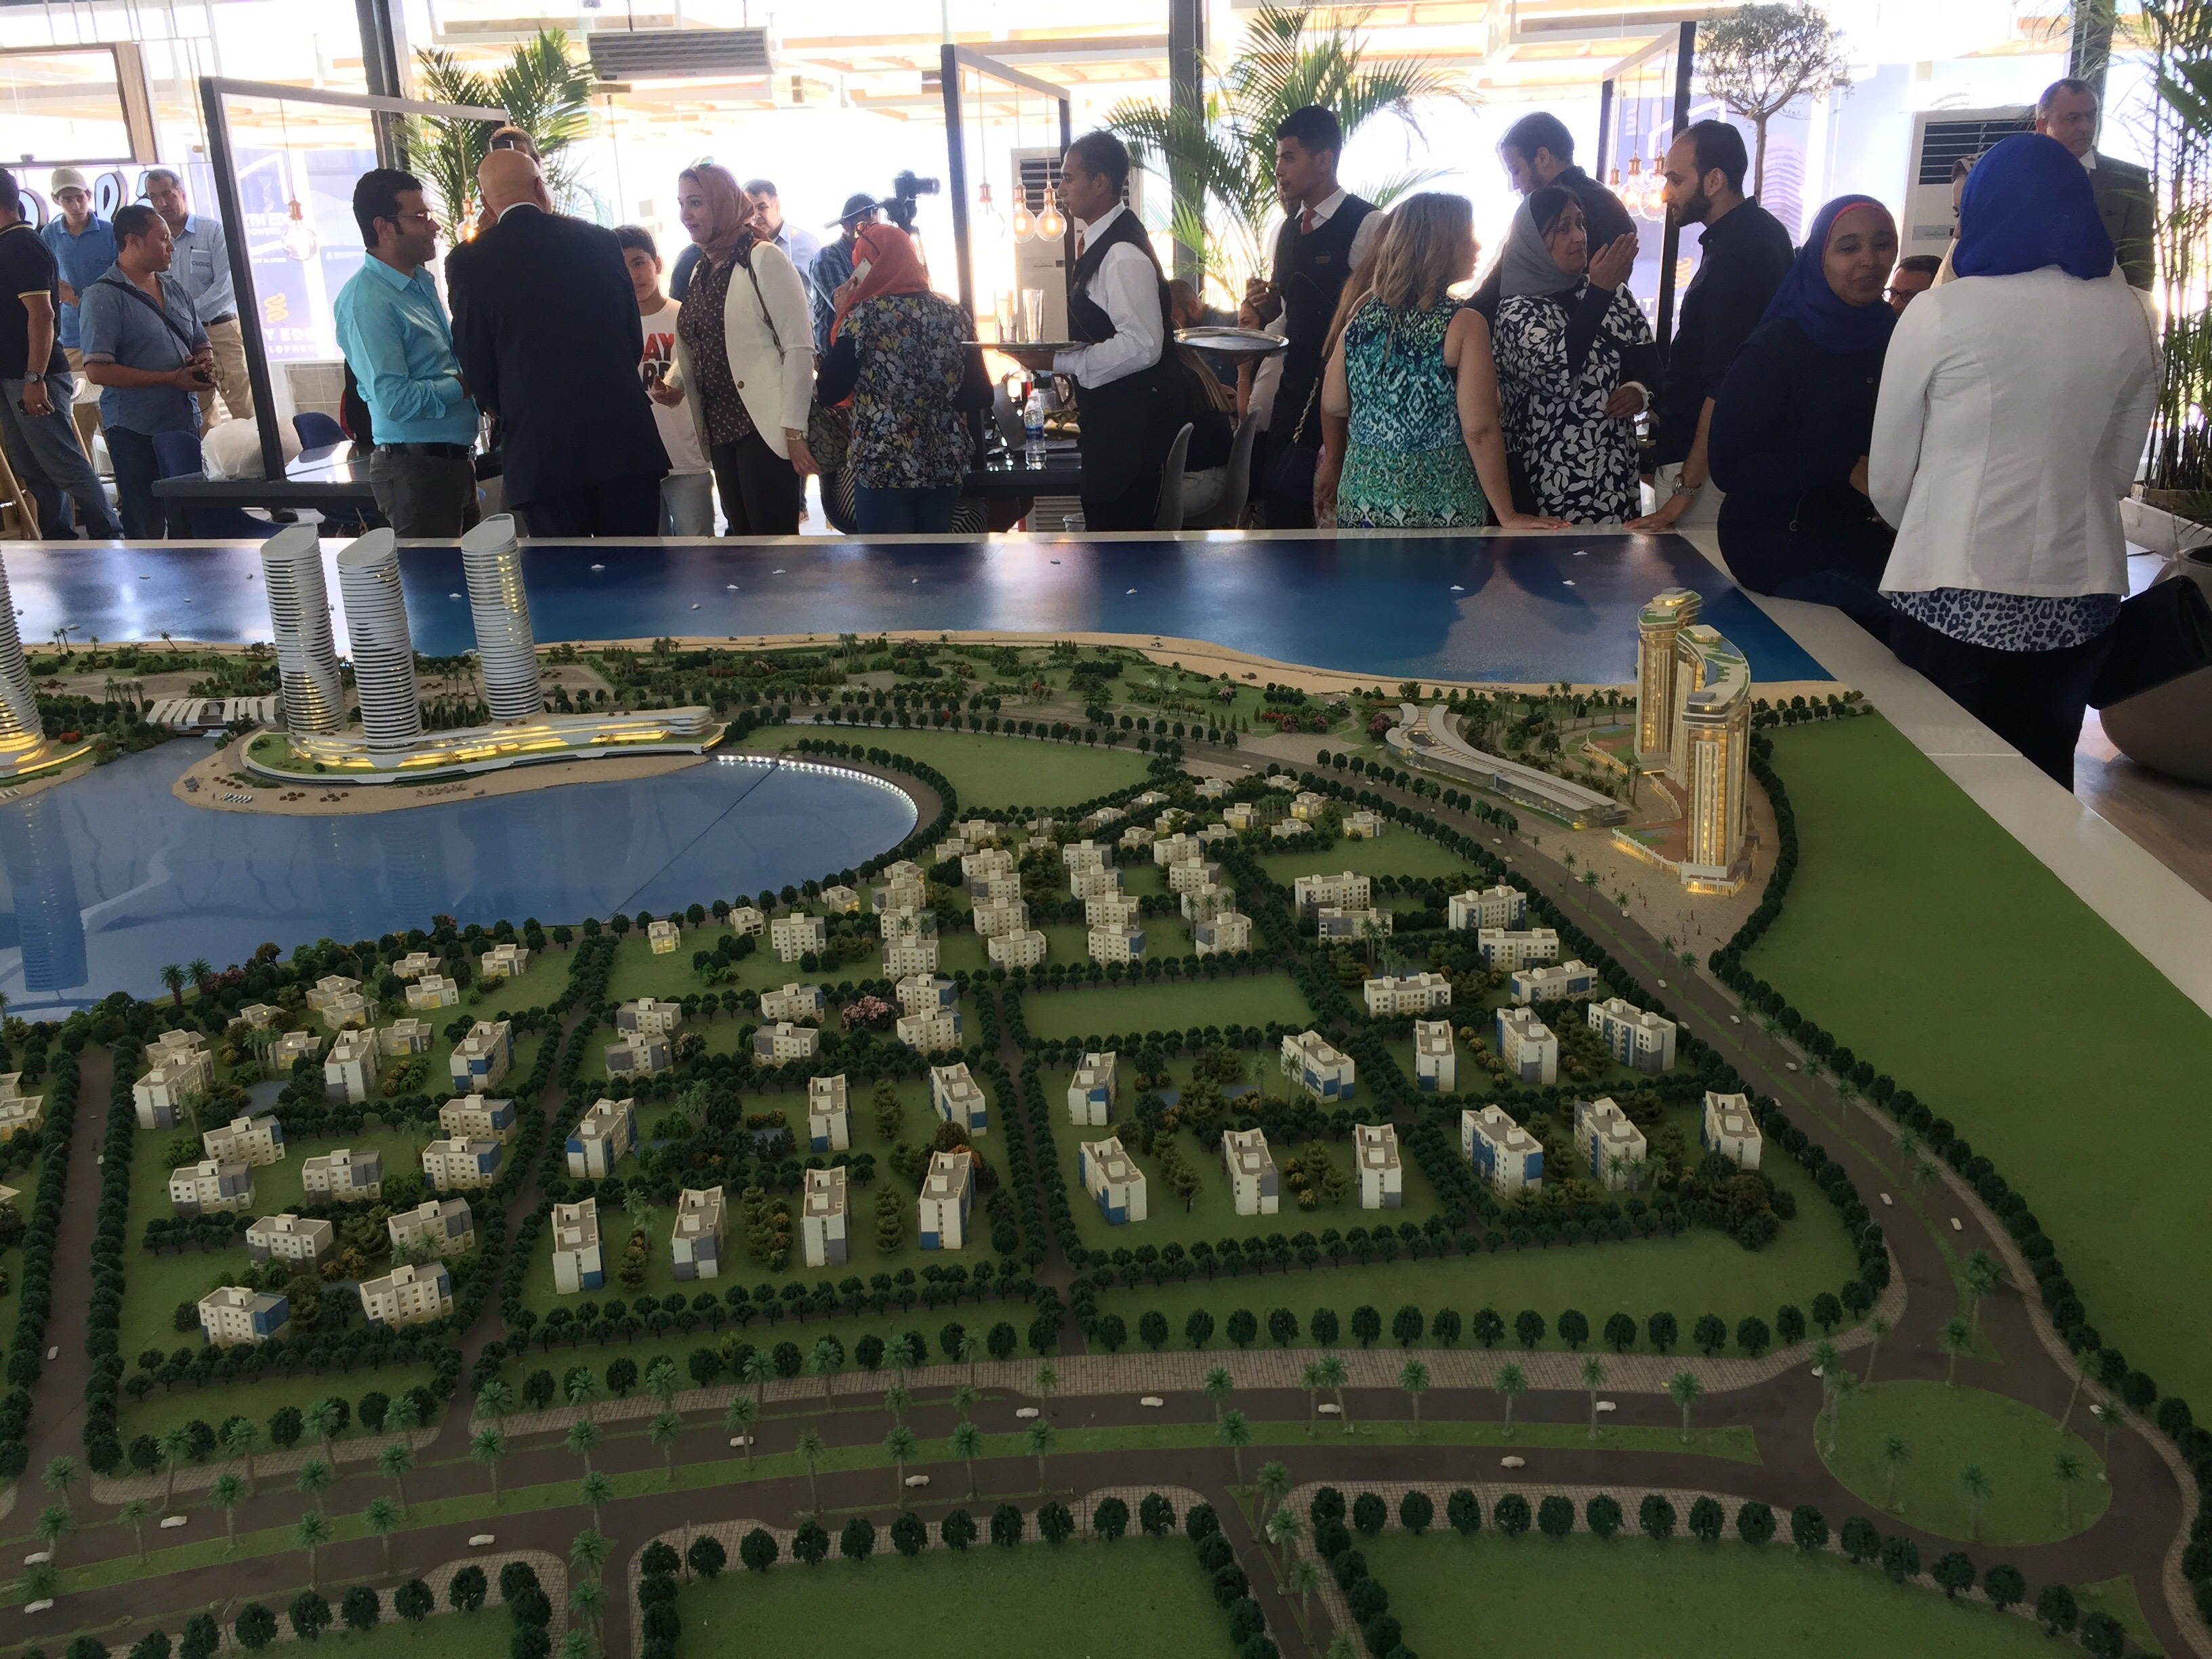 مؤتمر للاعلان عن تفاصيل تسويق ابراج مدينة العلمين الجديدة (4)